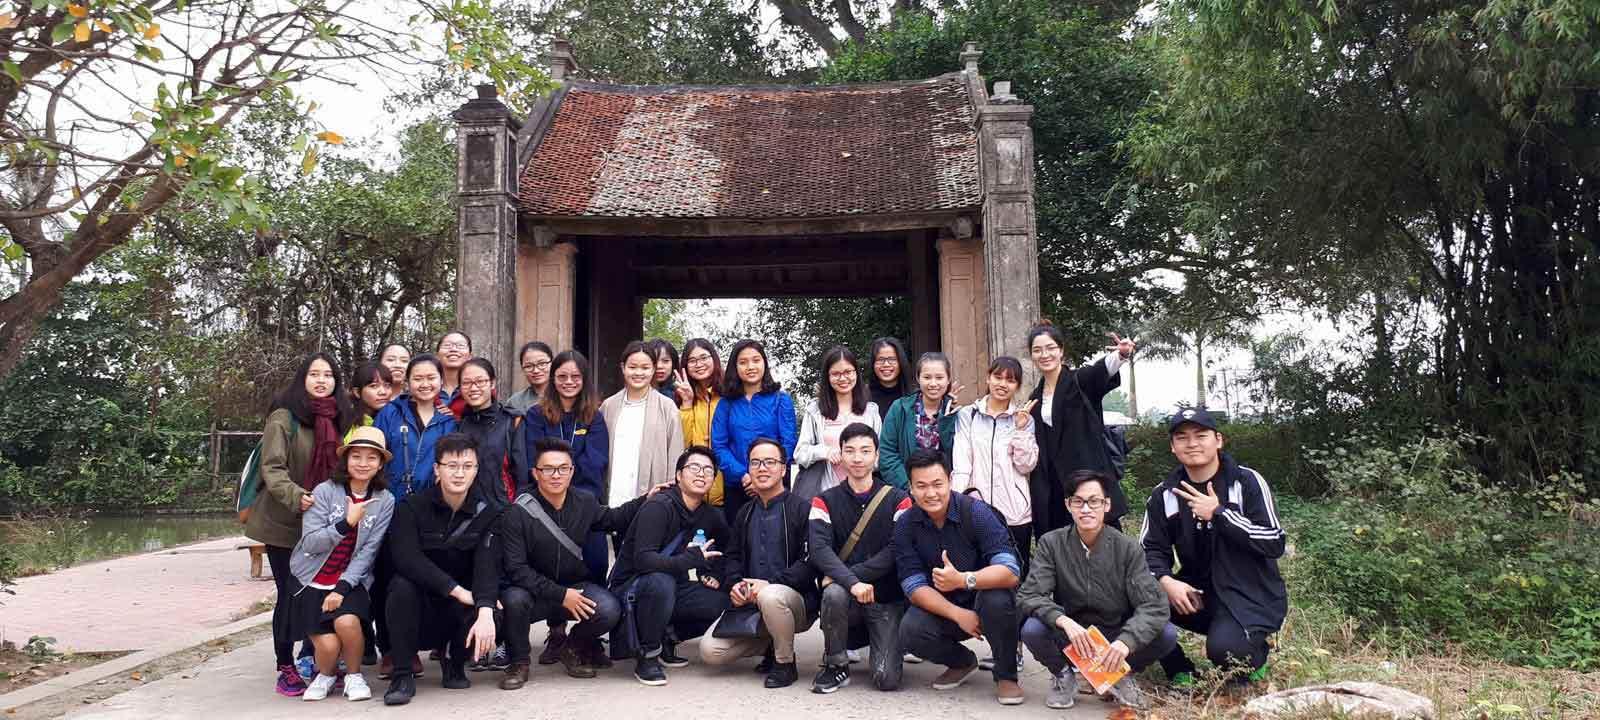 Tour de formation pour les futurs guides touristiques